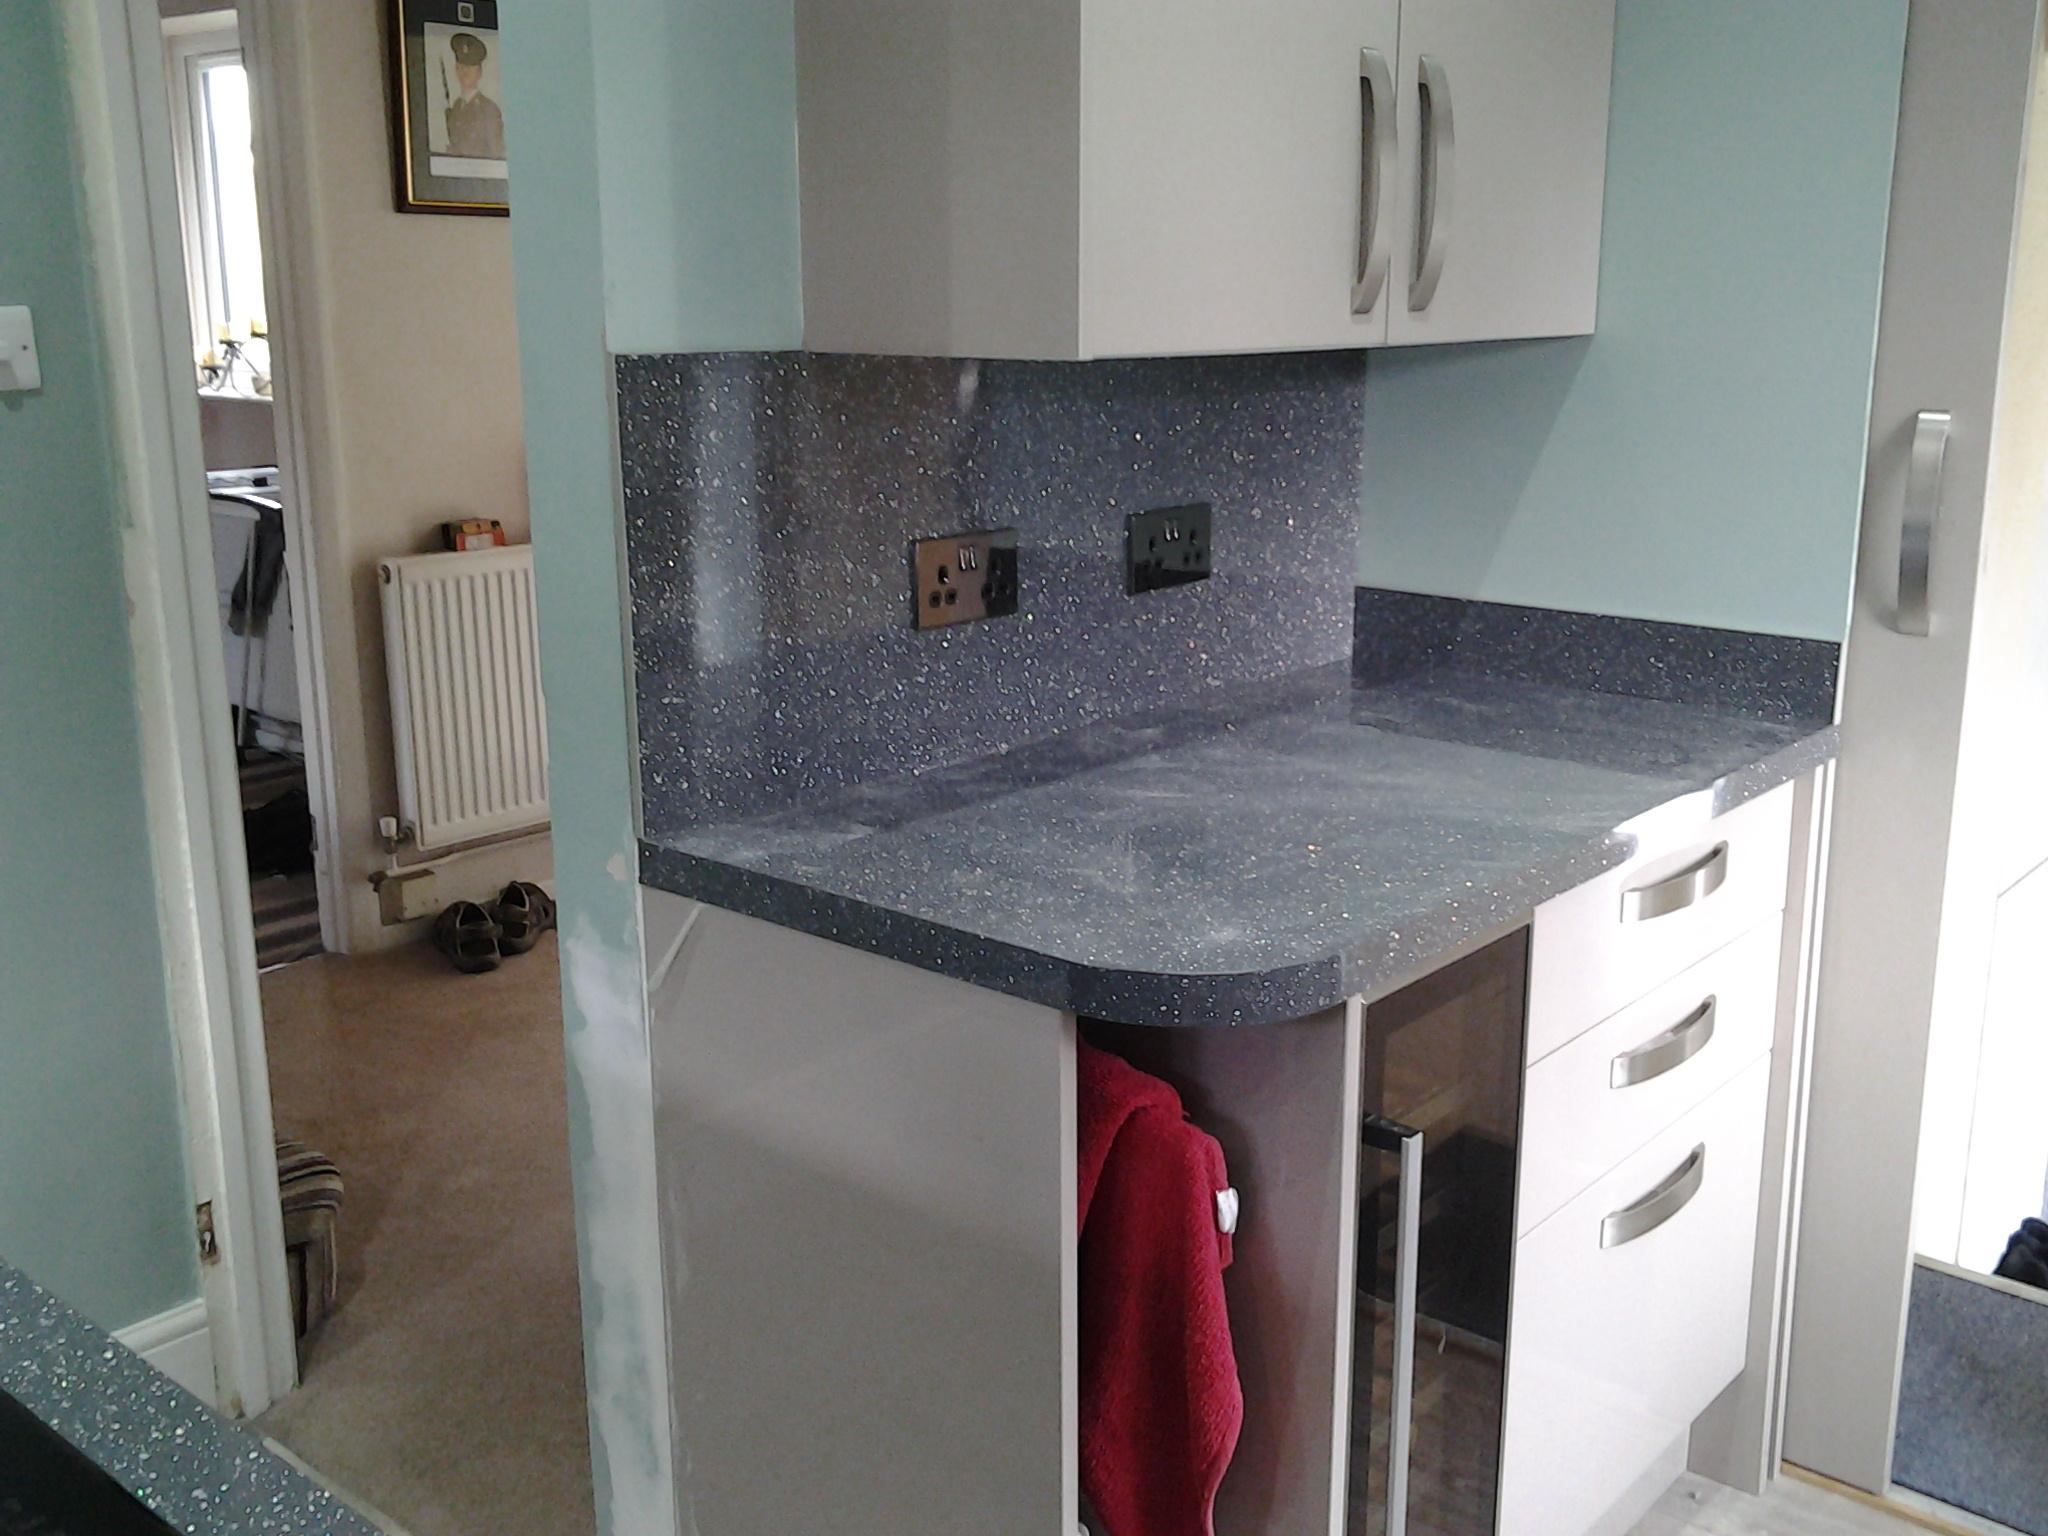 Billericay Kitchen Installation